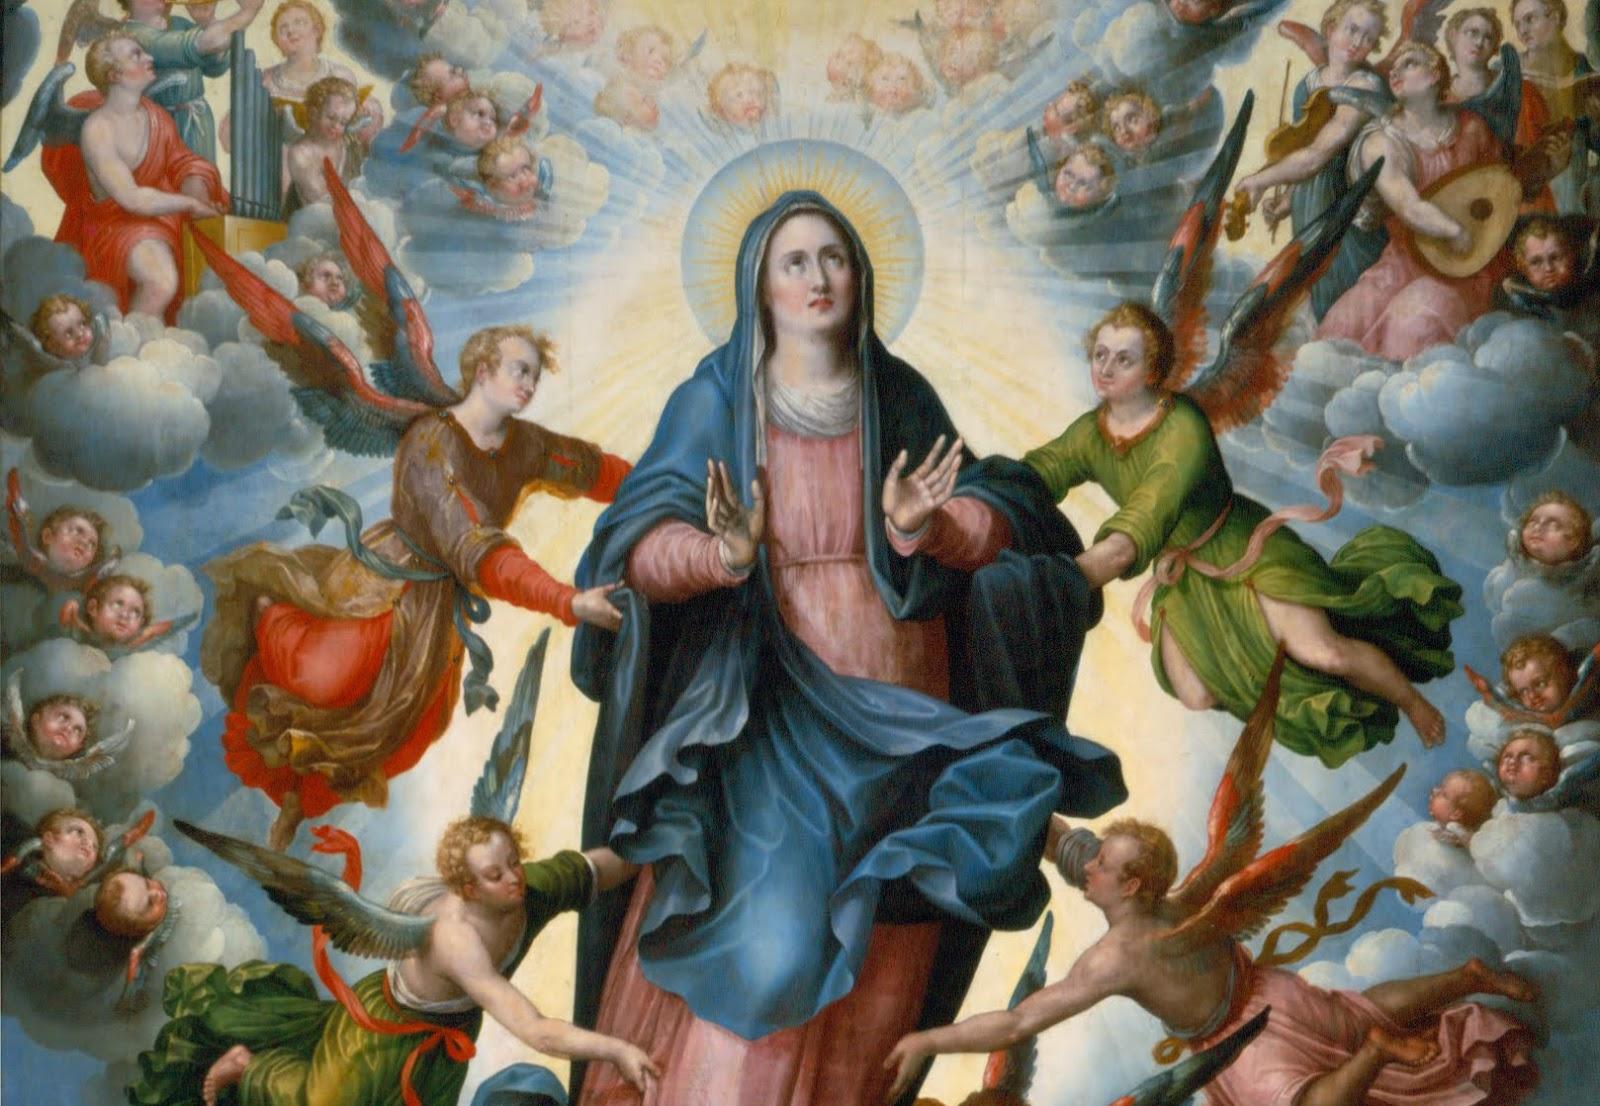 HUẤN TỪ KINH TRUYỀN TIN CỦA ĐỨC THÁNH CHA: Lễ Đức Mẹ Hồn Xác Lên Trời (TOÀN VĂN)